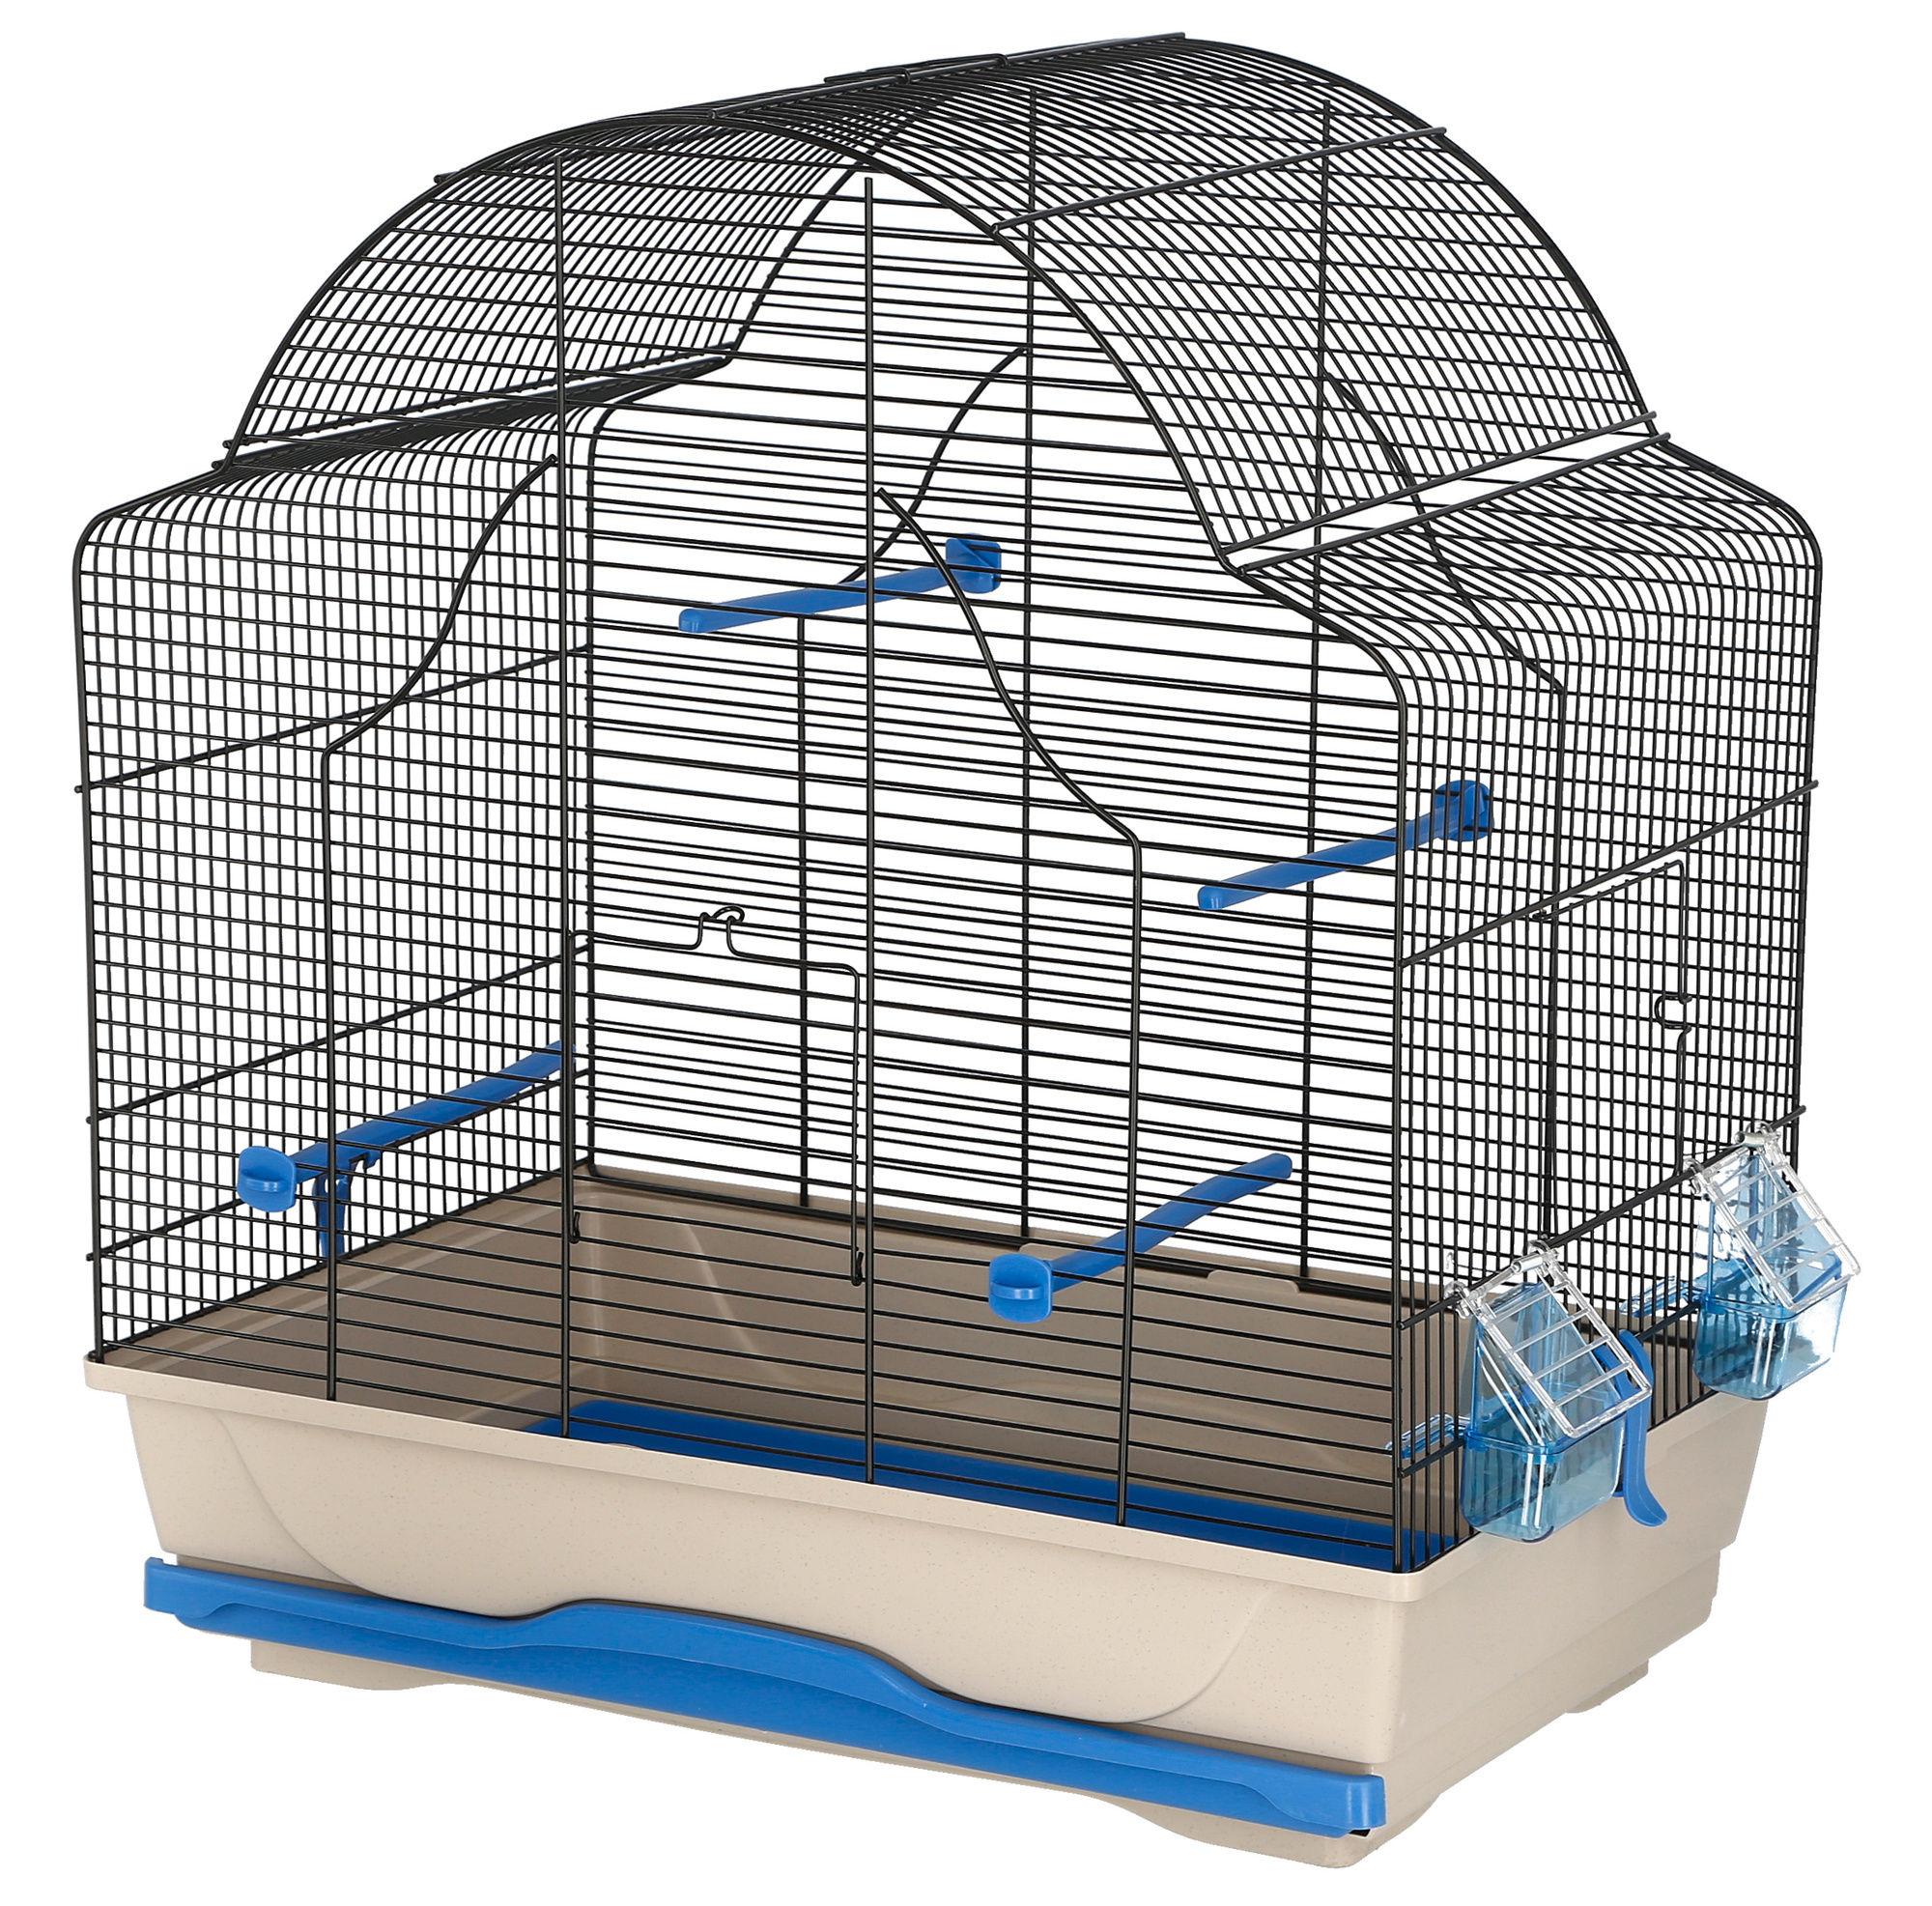 Vogelkäfig Gabbia Daisy 56x36,5x62cm blau/grau